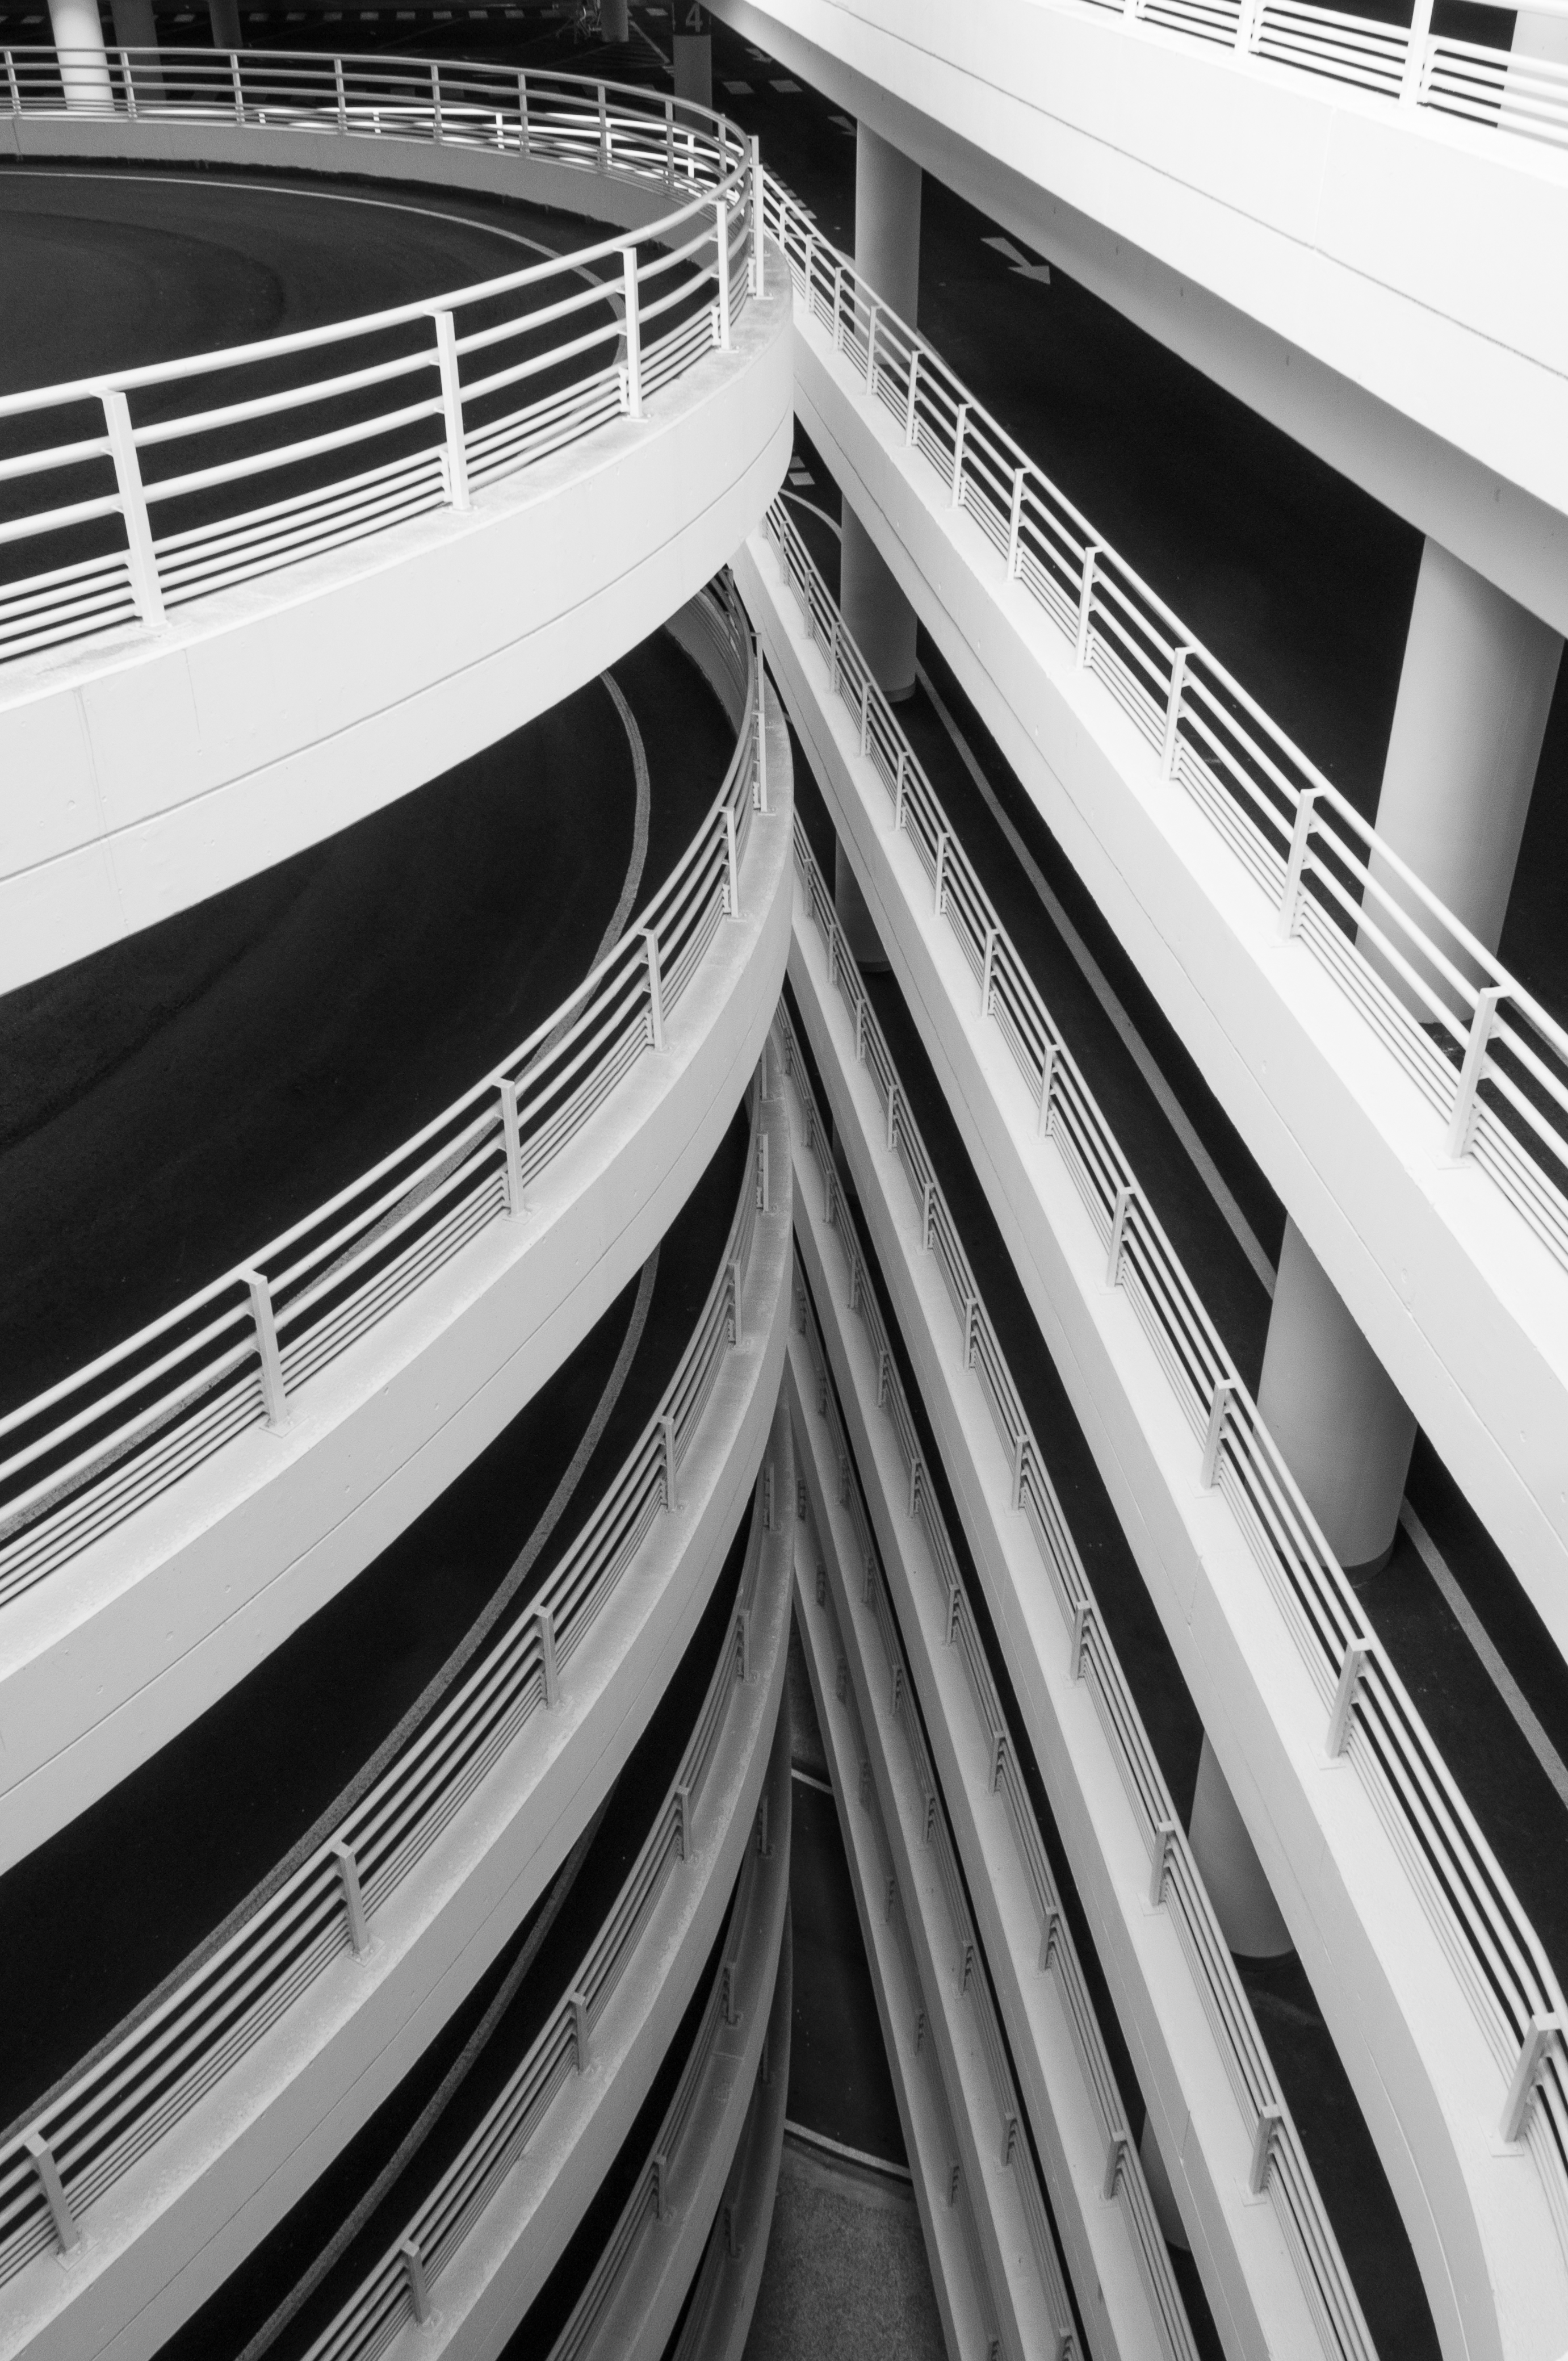 Architektur_Linien_1